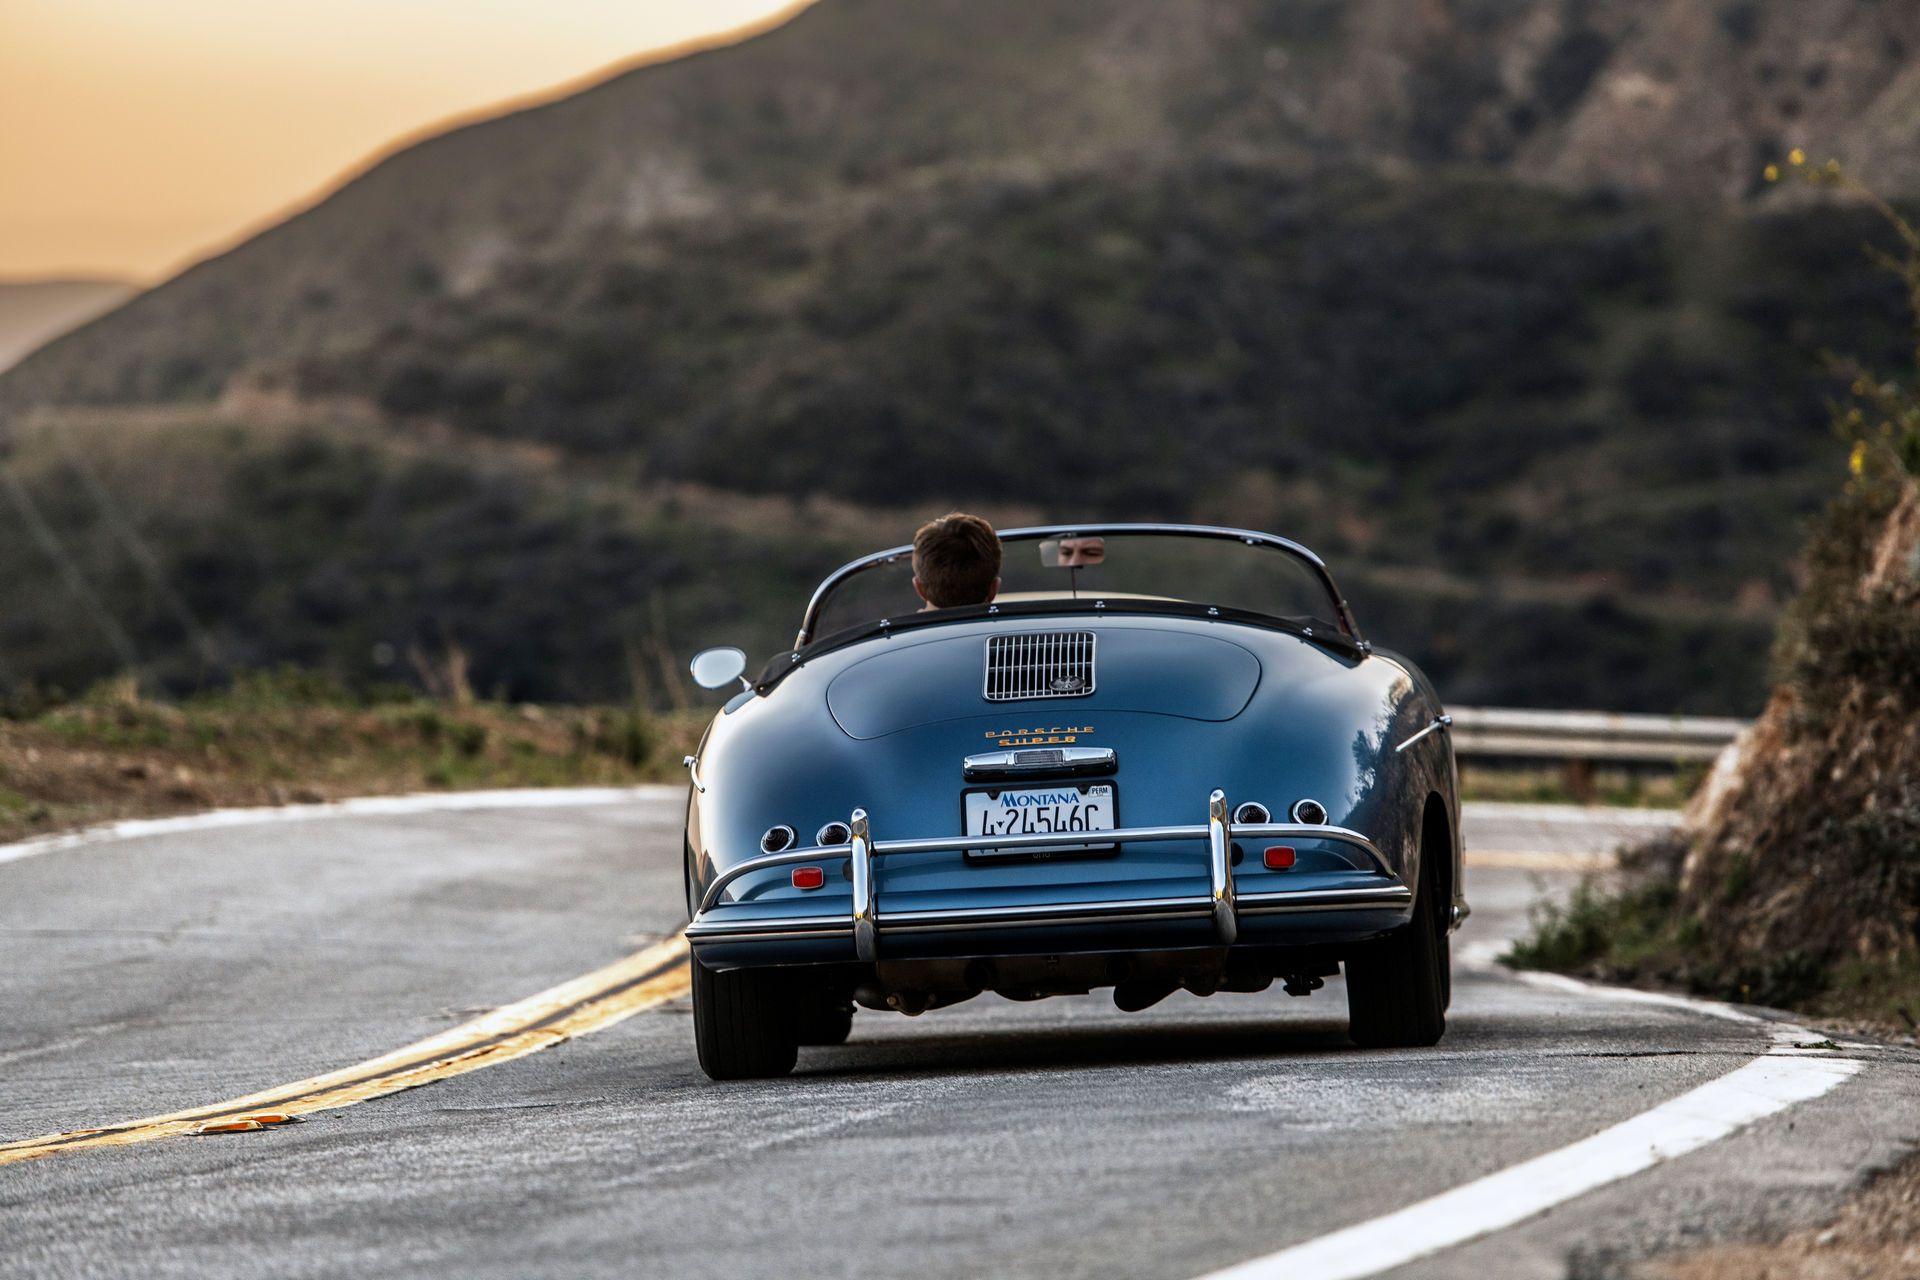 Porsche-356-A-Coupe-Restomod-Emory-Motorsports-12